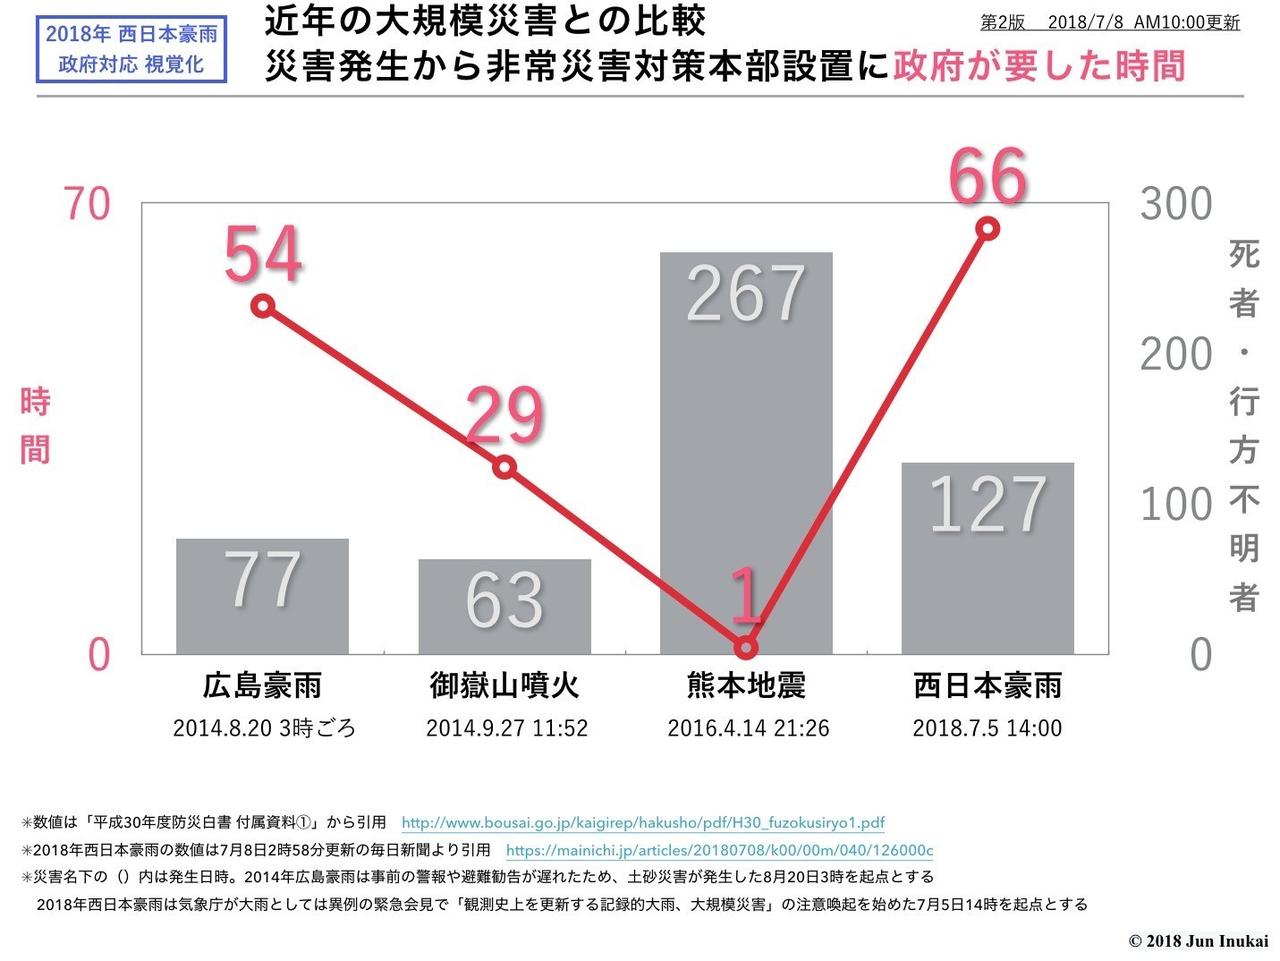 【西日本豪雨】安倍首相「機動的に態勢を強化し救命救助に全力を」と指示 政権幹部、被災自治体の激甚災害指定を加速させる意向 YouTube動画>1本 ->画像>26枚